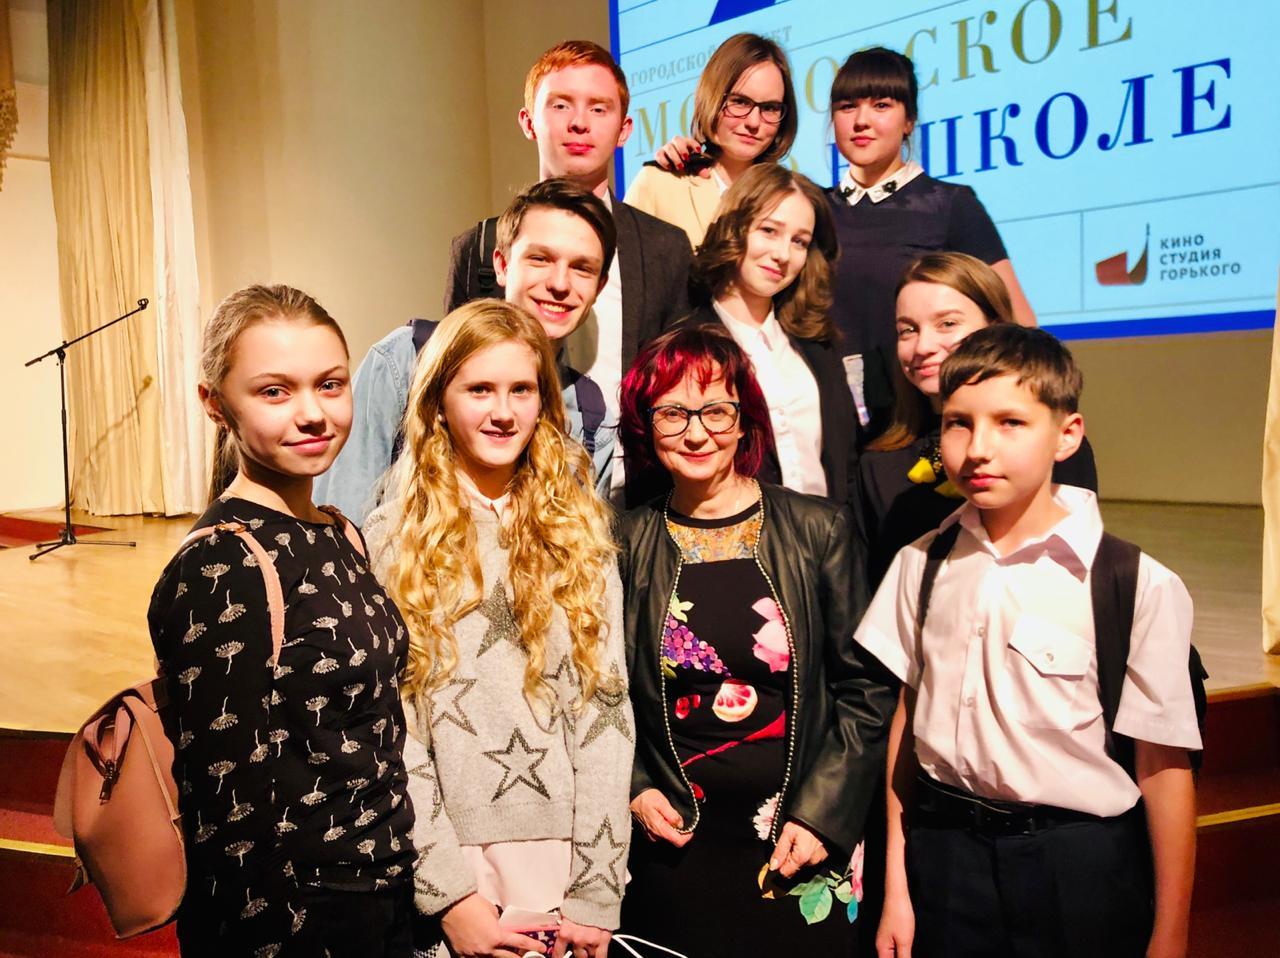 Проект «Московское кино в школе» стартует в Десеновском